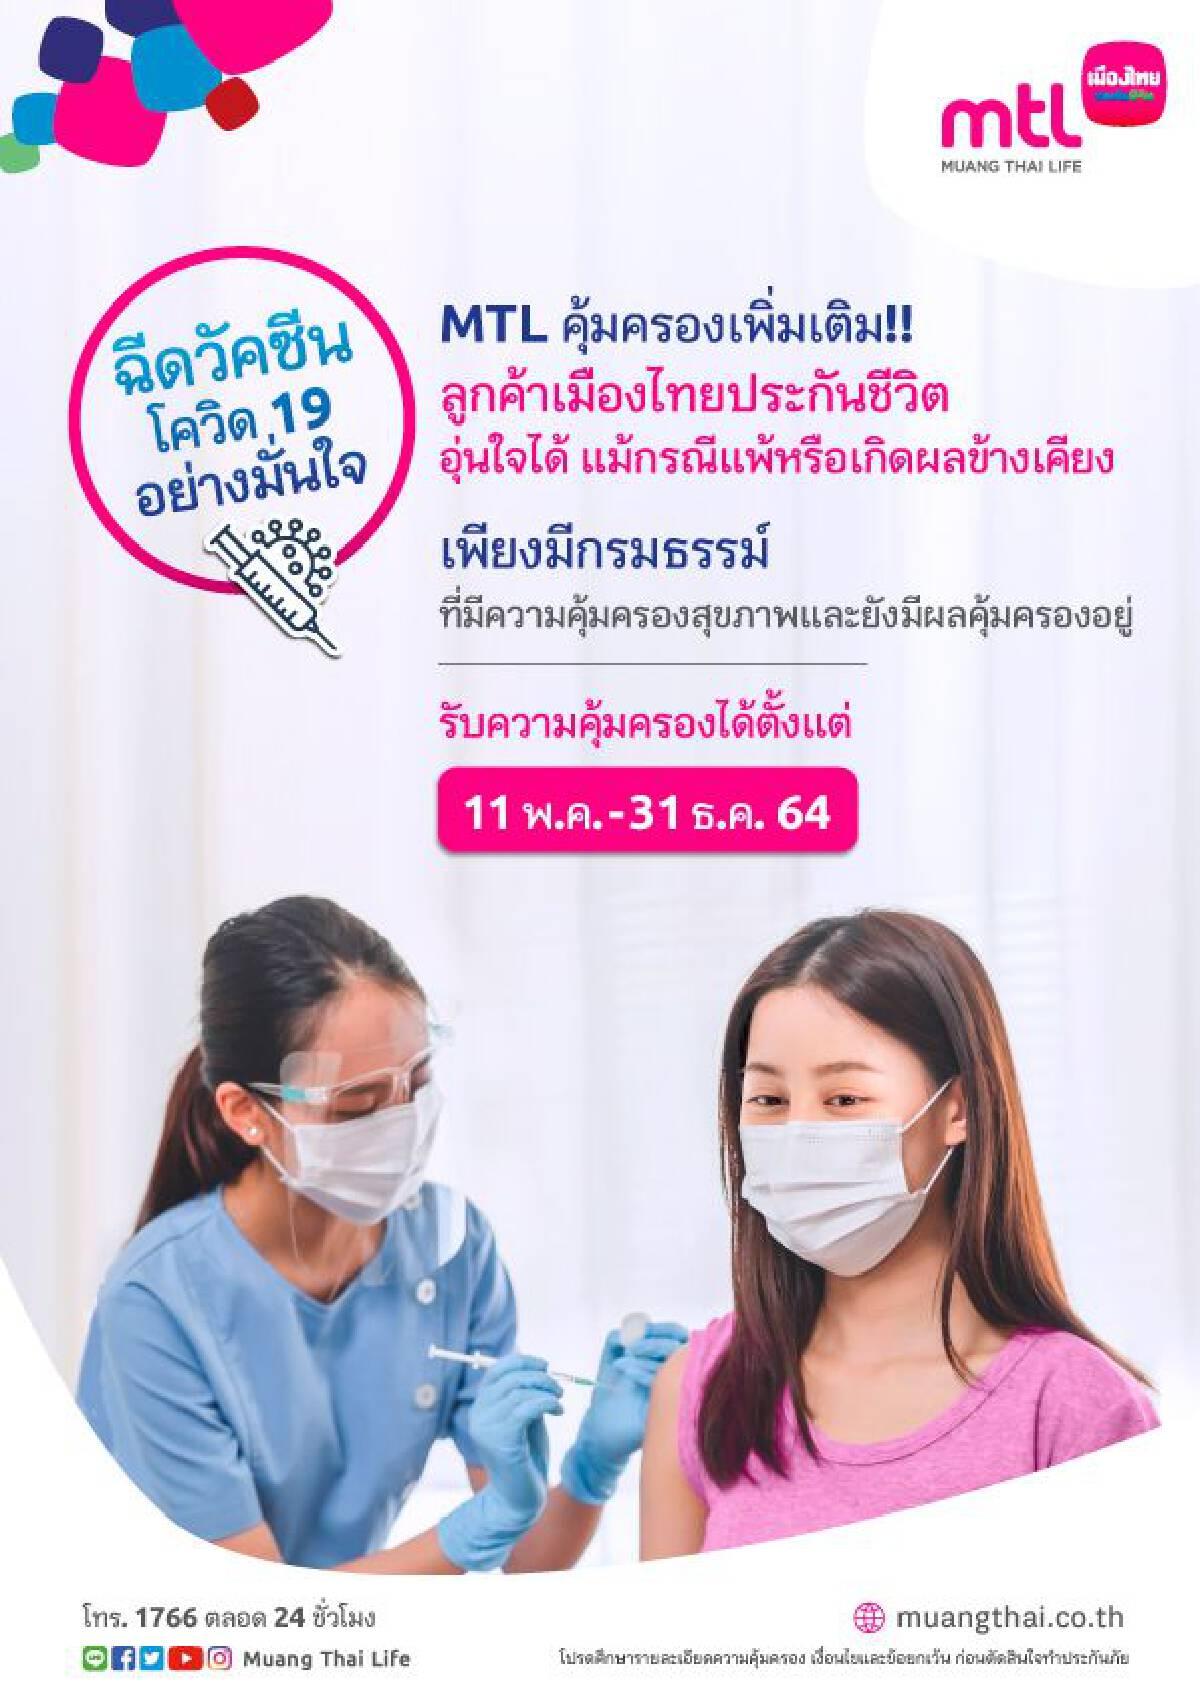 เมืองไทยประกันชีวิต เพิ่มความคุ้มครองผลกระทบหลังฉีดวัคซีนป้องกันโควิดฟรี!